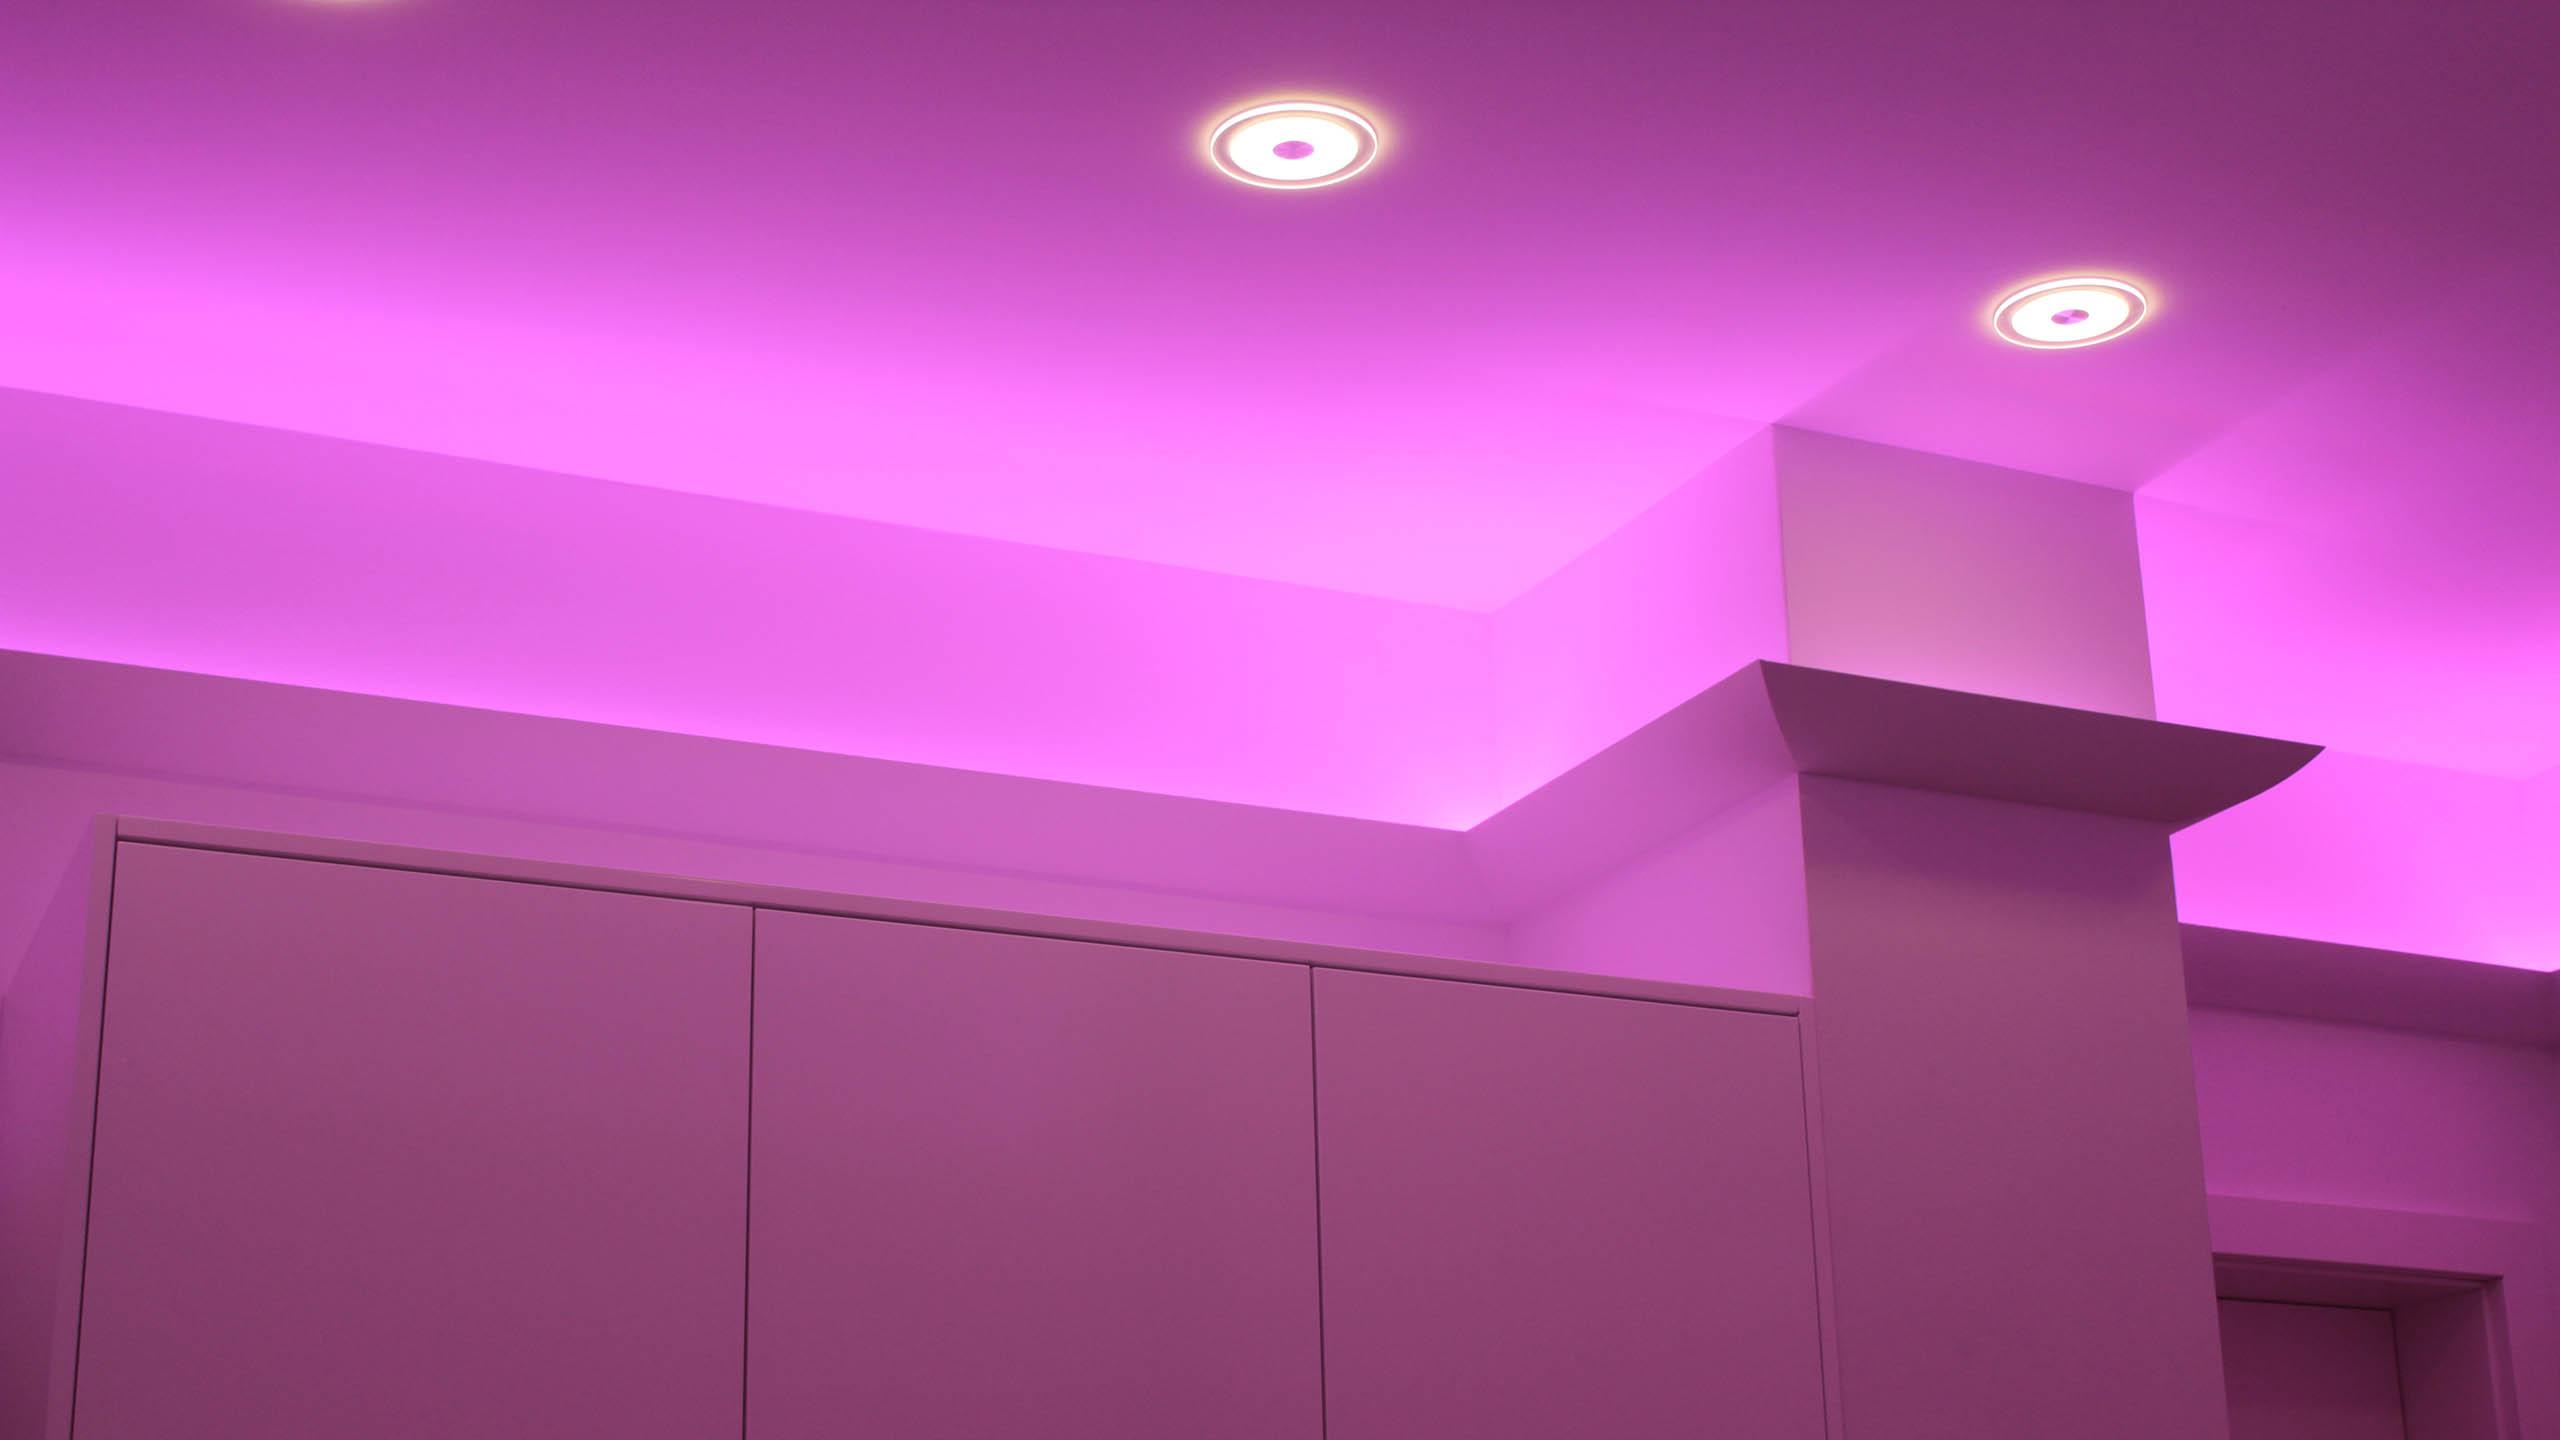 stuckleisten lichtprofile fur indirekte led beleuchtung verschiedene ideen f r. Black Bedroom Furniture Sets. Home Design Ideas